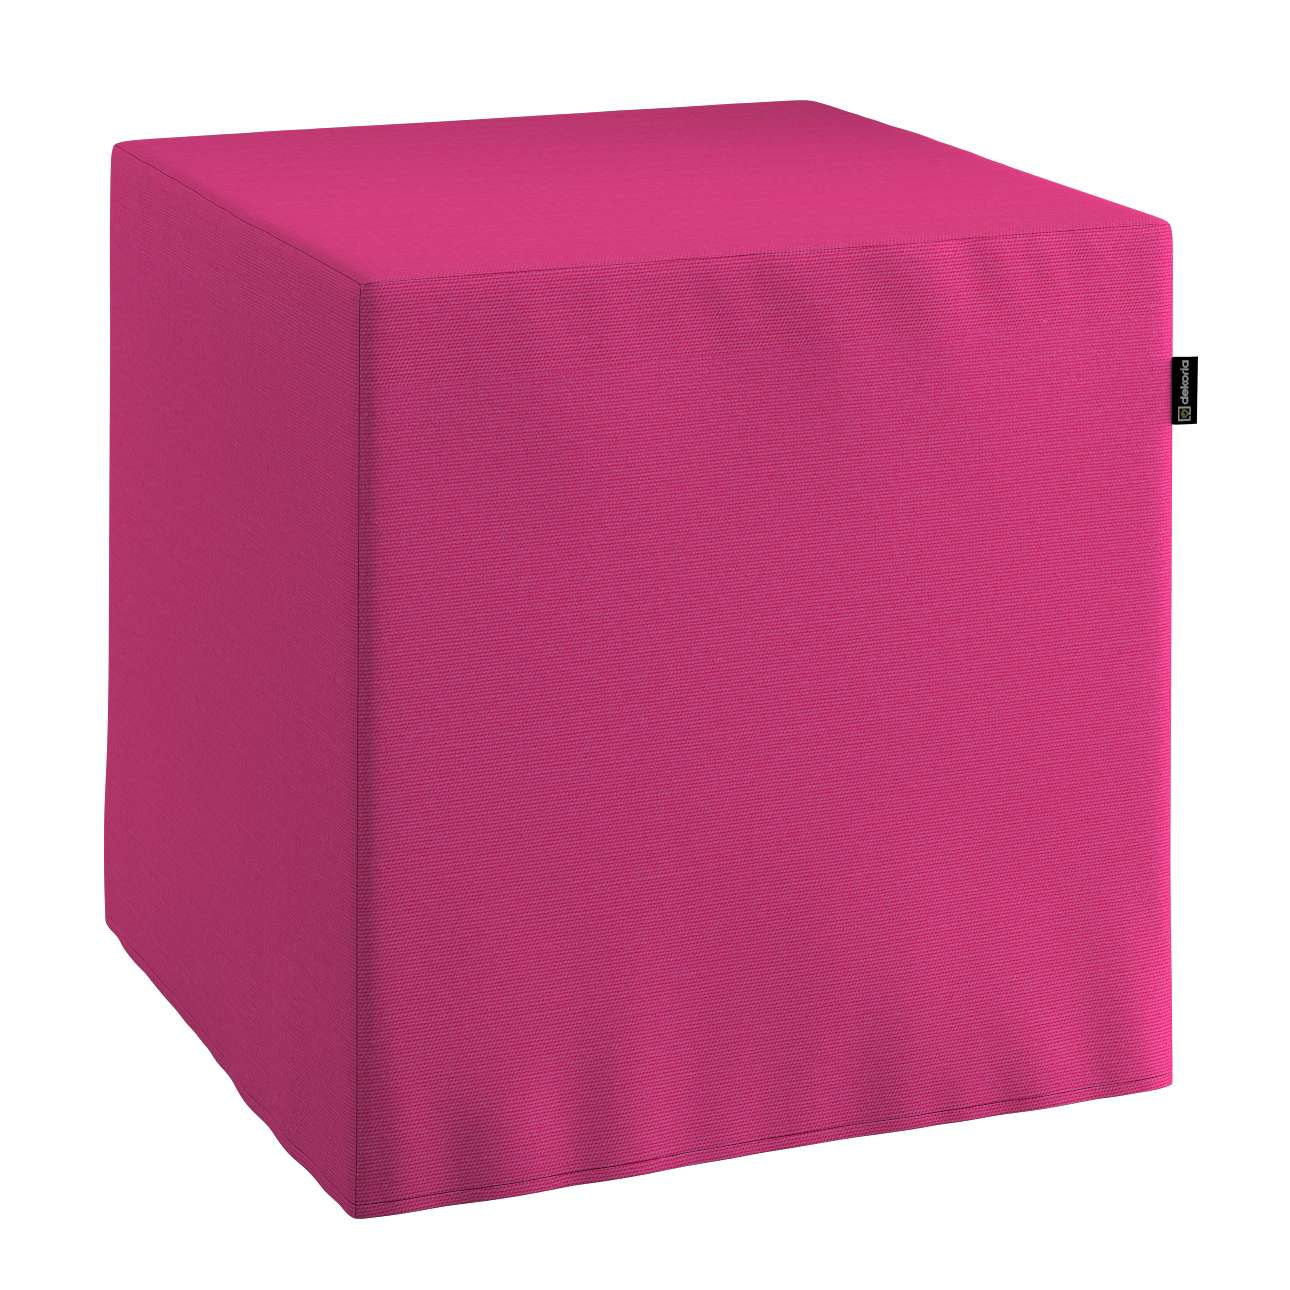 Bezug für Sitzwürfel, rosa, Bezug für Sitzwürfel 40x40x40 cm, Loneta | Wohnzimmer > Hocker & Poufs > Sitzwürfel | Dekoria